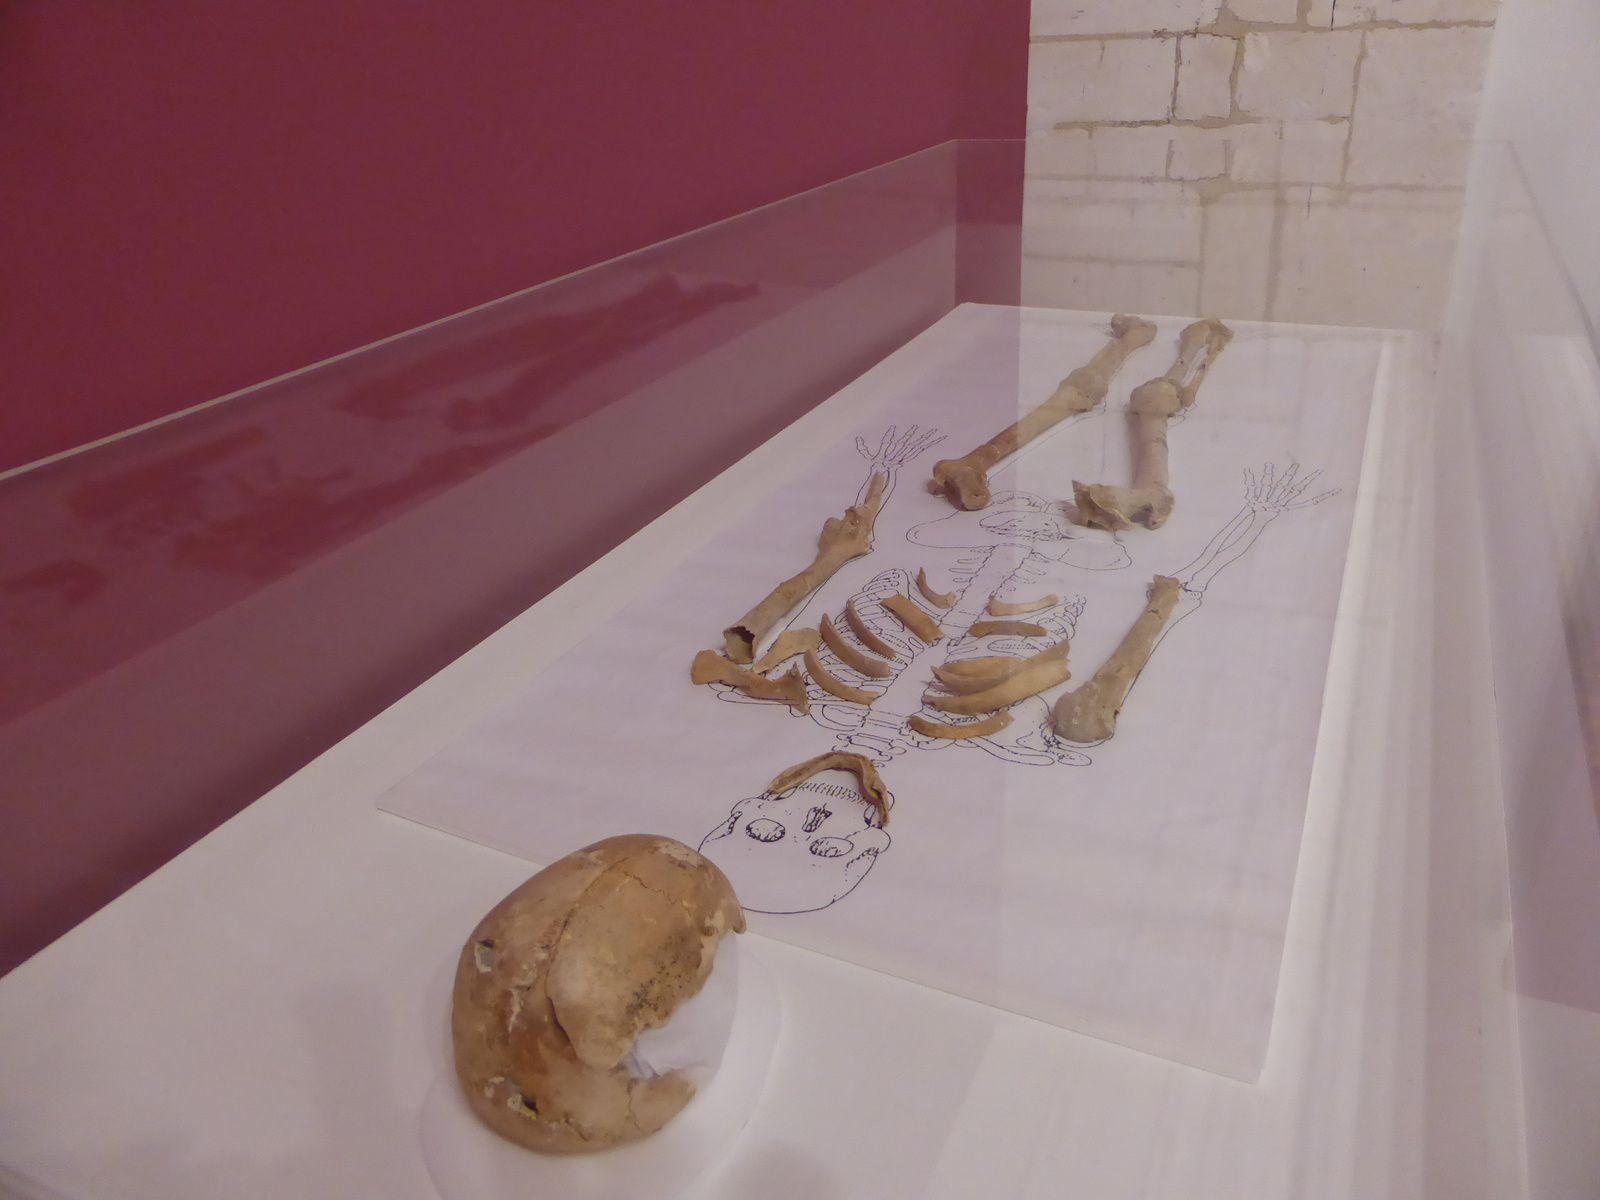 Ossements de Nithard décédé en 858 ou 859 © Photographie Le Curieux des arts Gilles Kraemer, visite presse, juin 2014